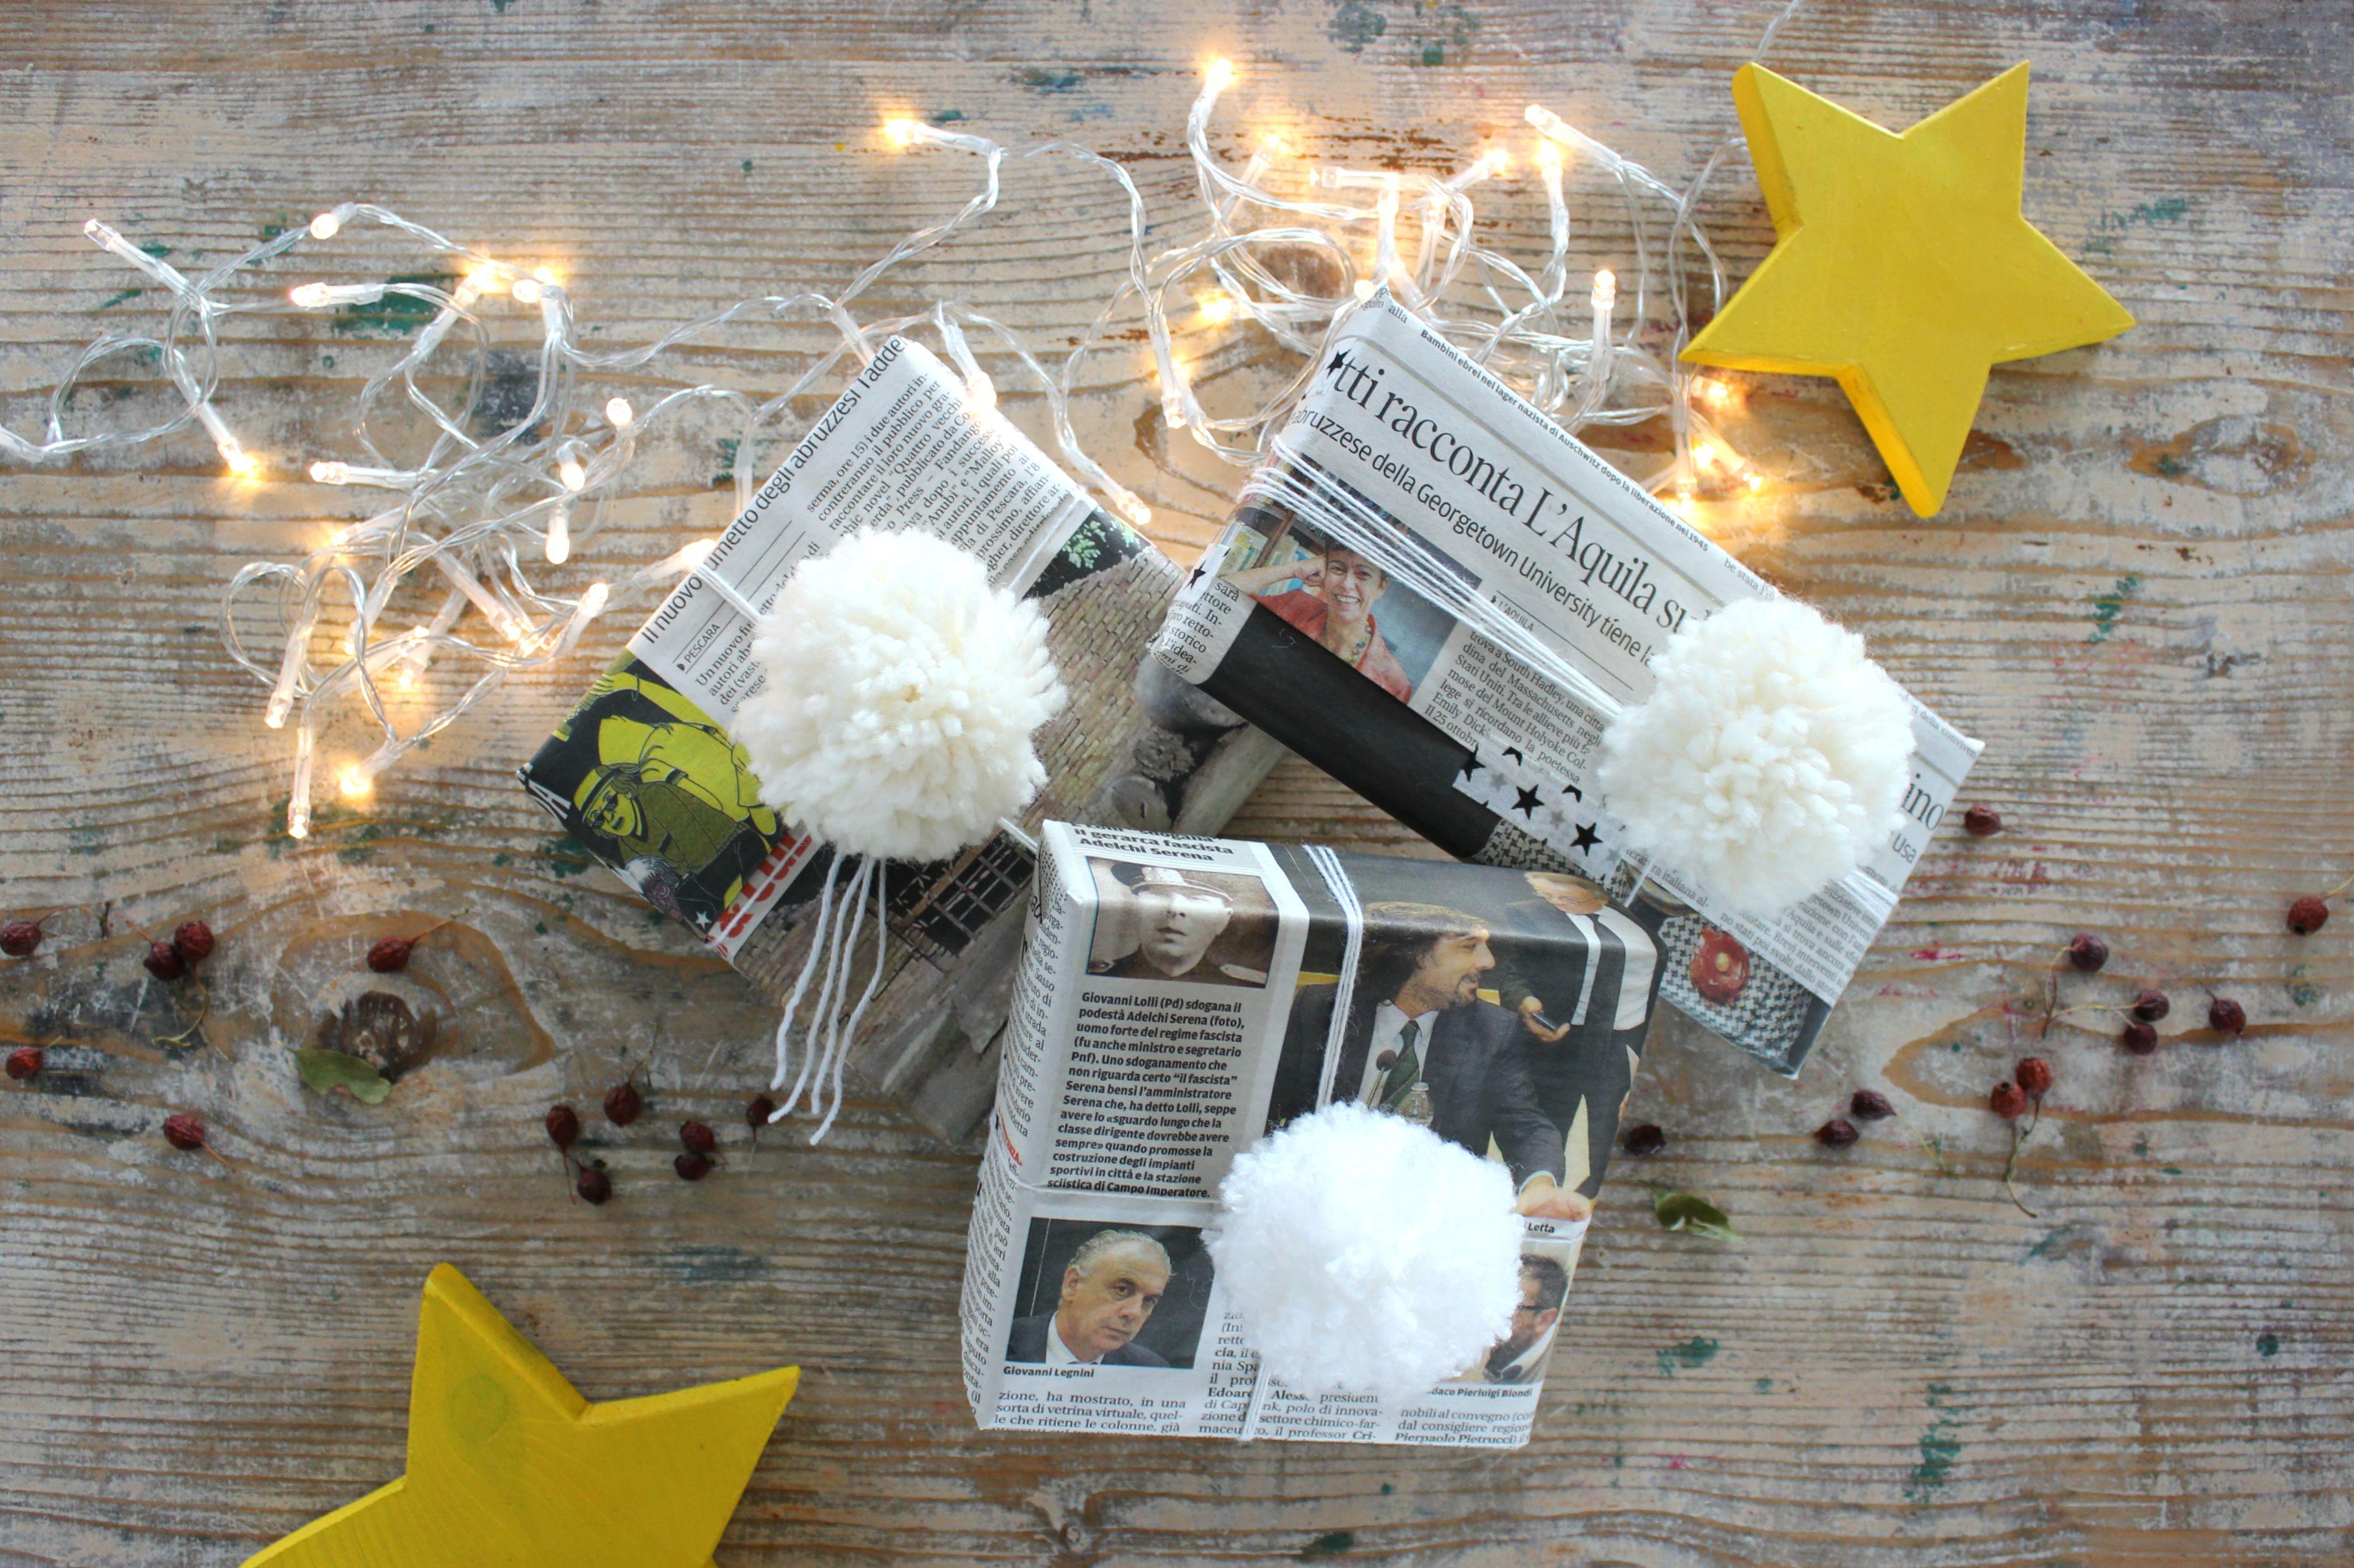 impacchettare i regali con carta riciclata